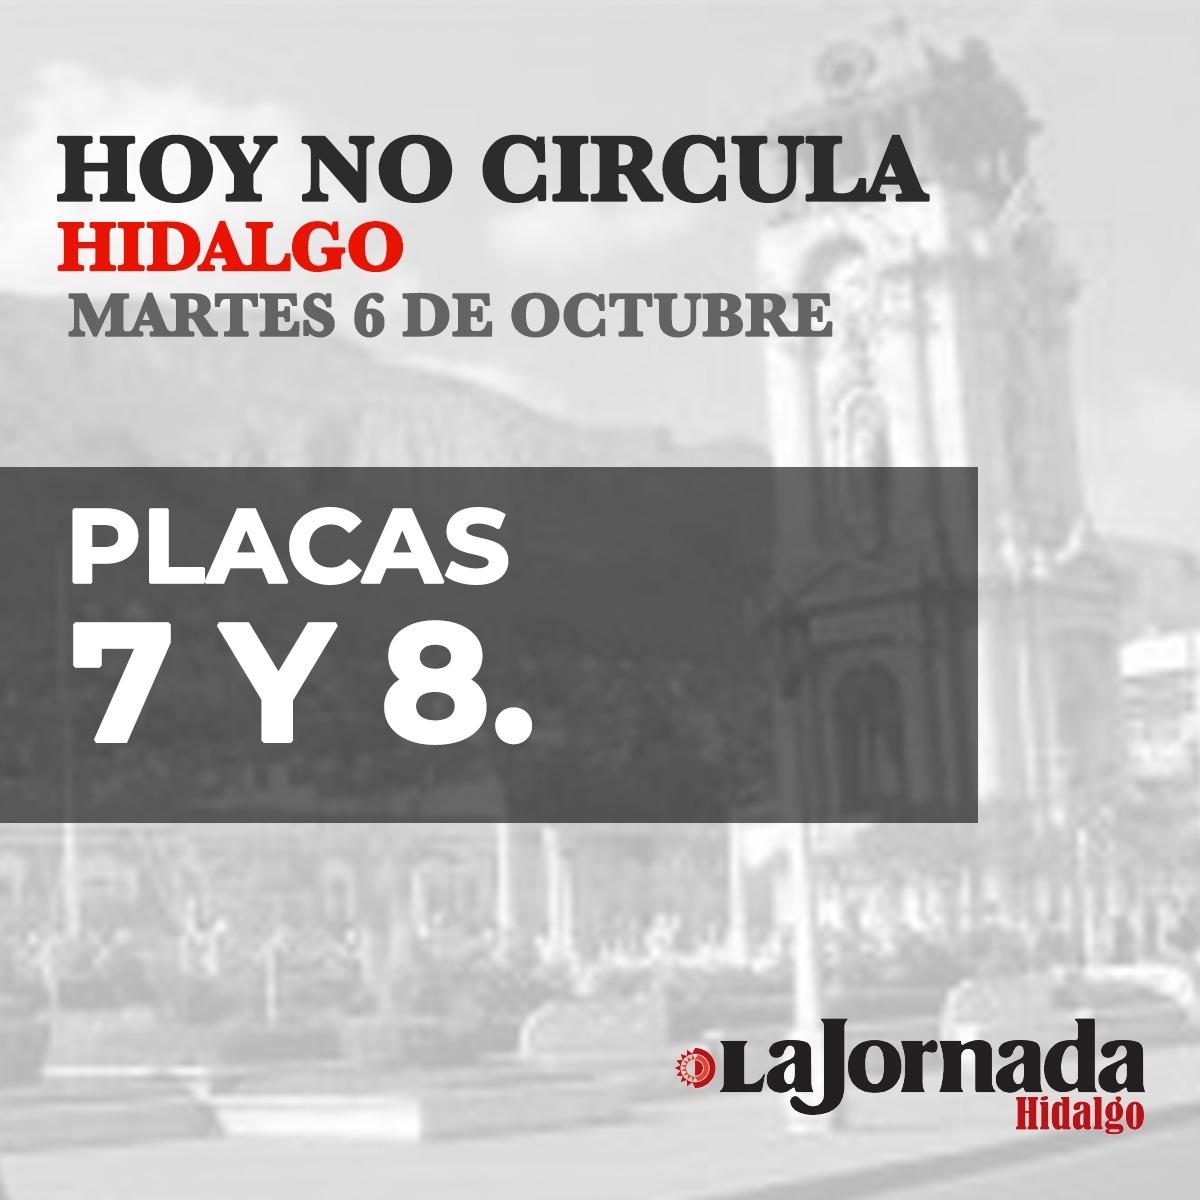 Hoy No Circula Hidalgo placas 7 y 8